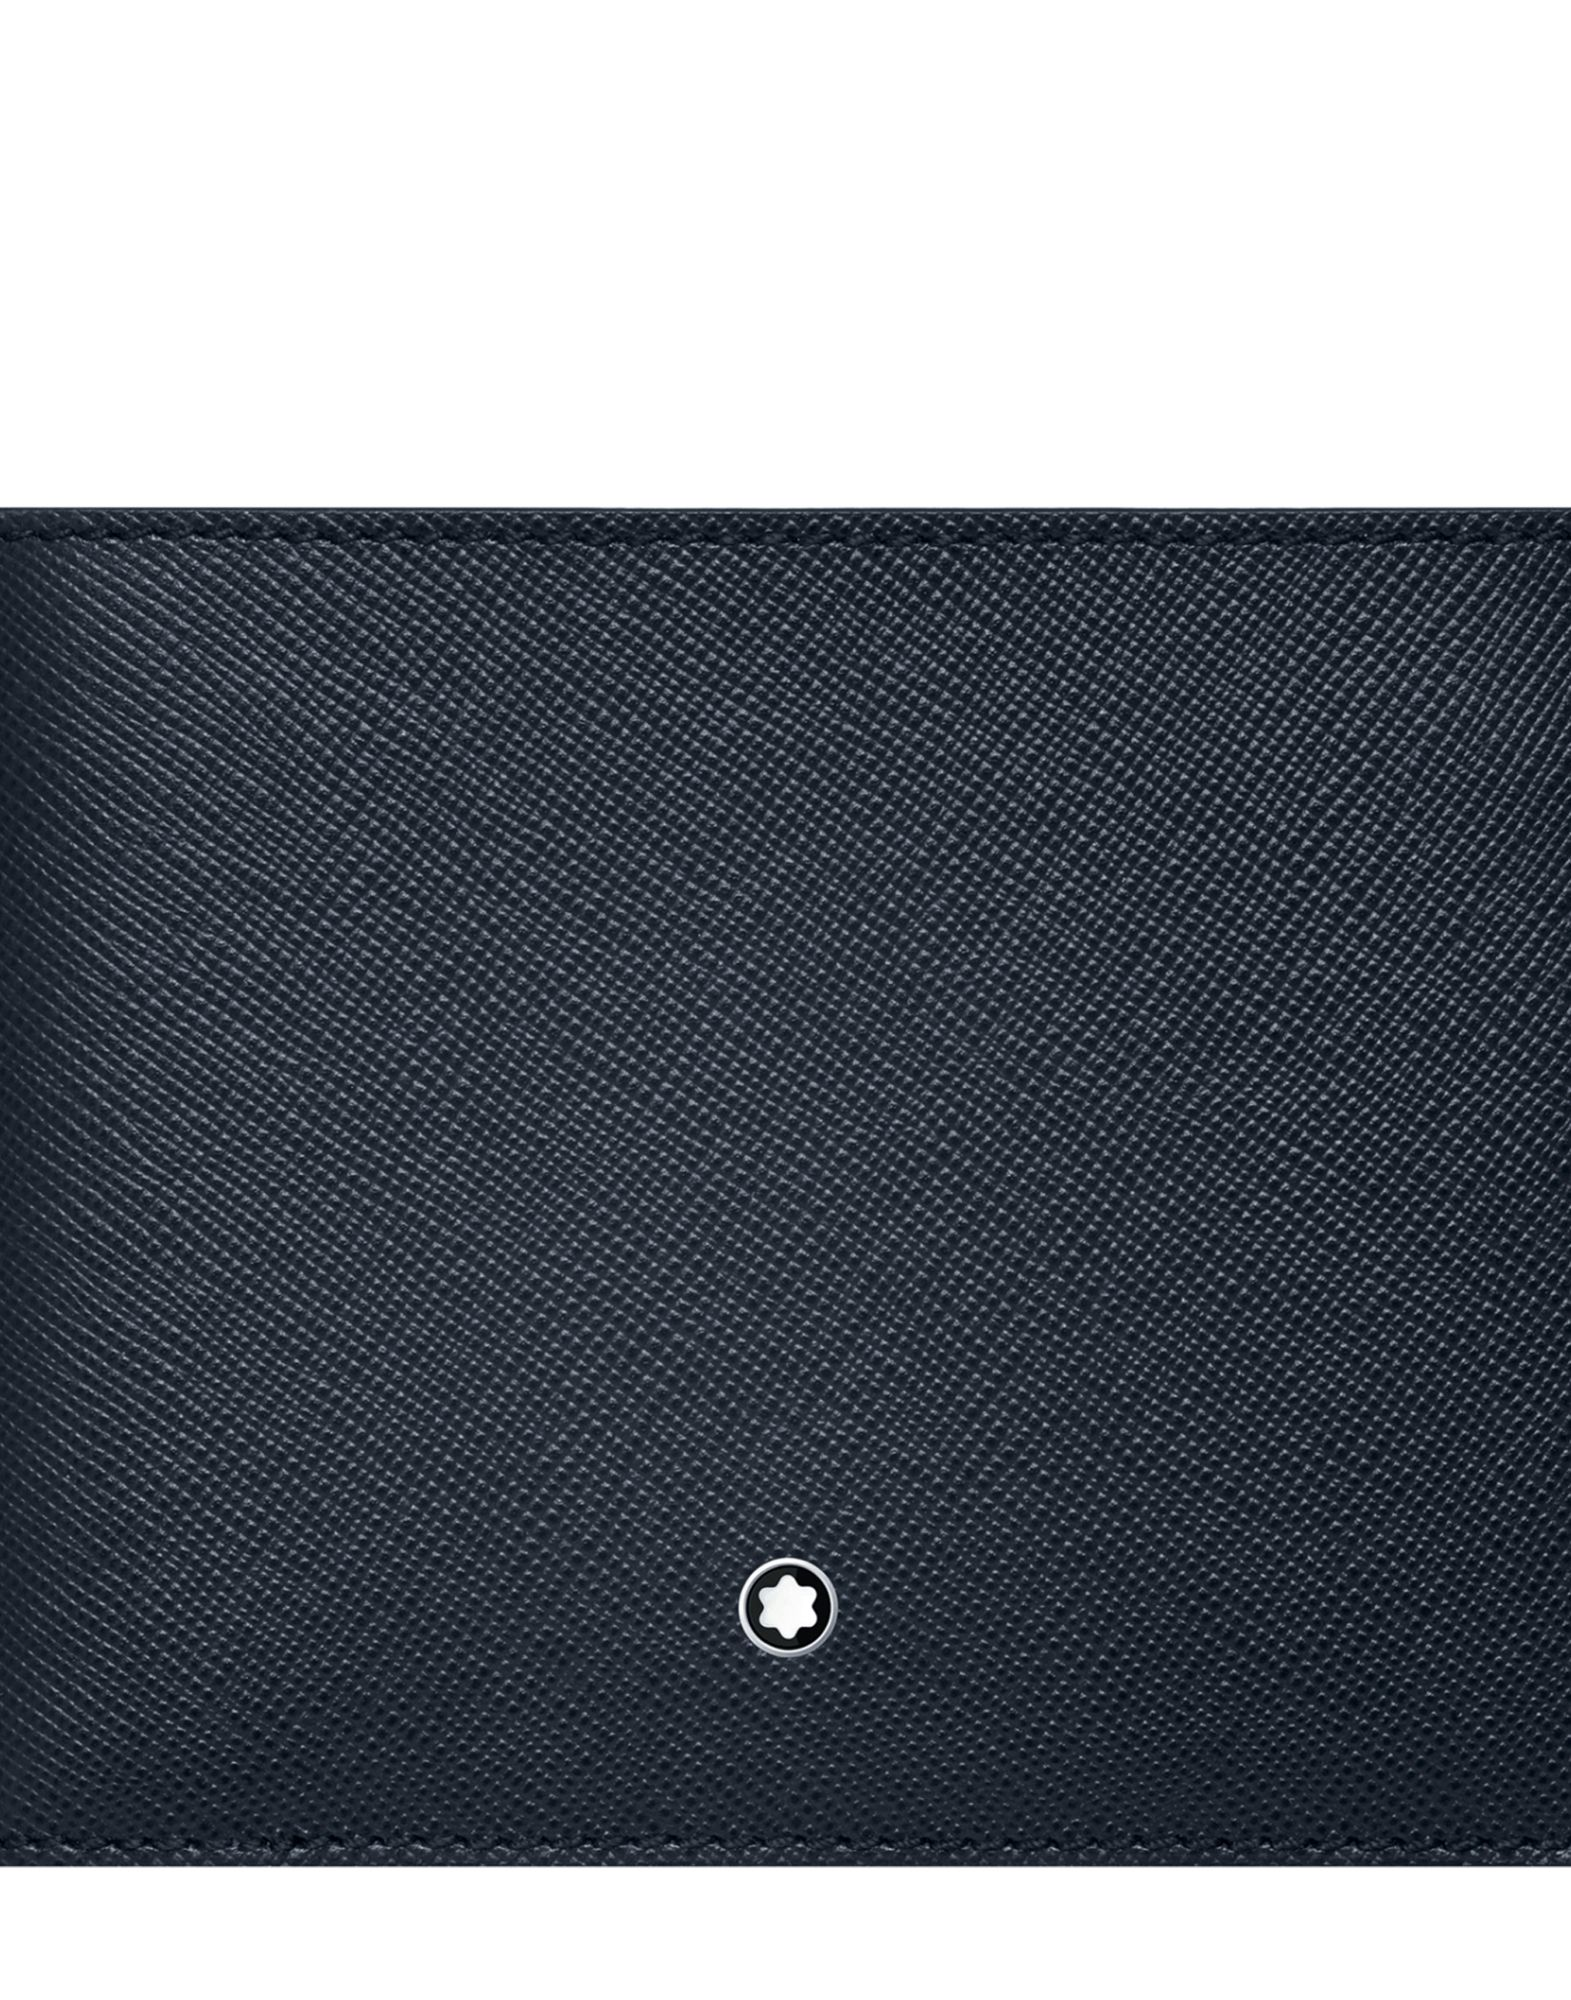 MONTBLANC Бумажник г жа йорк orchid nucelle короткий бумажник вскользь кожаный бумажник кошелек рука кошелек 425 дикий синий утренний туман page 6